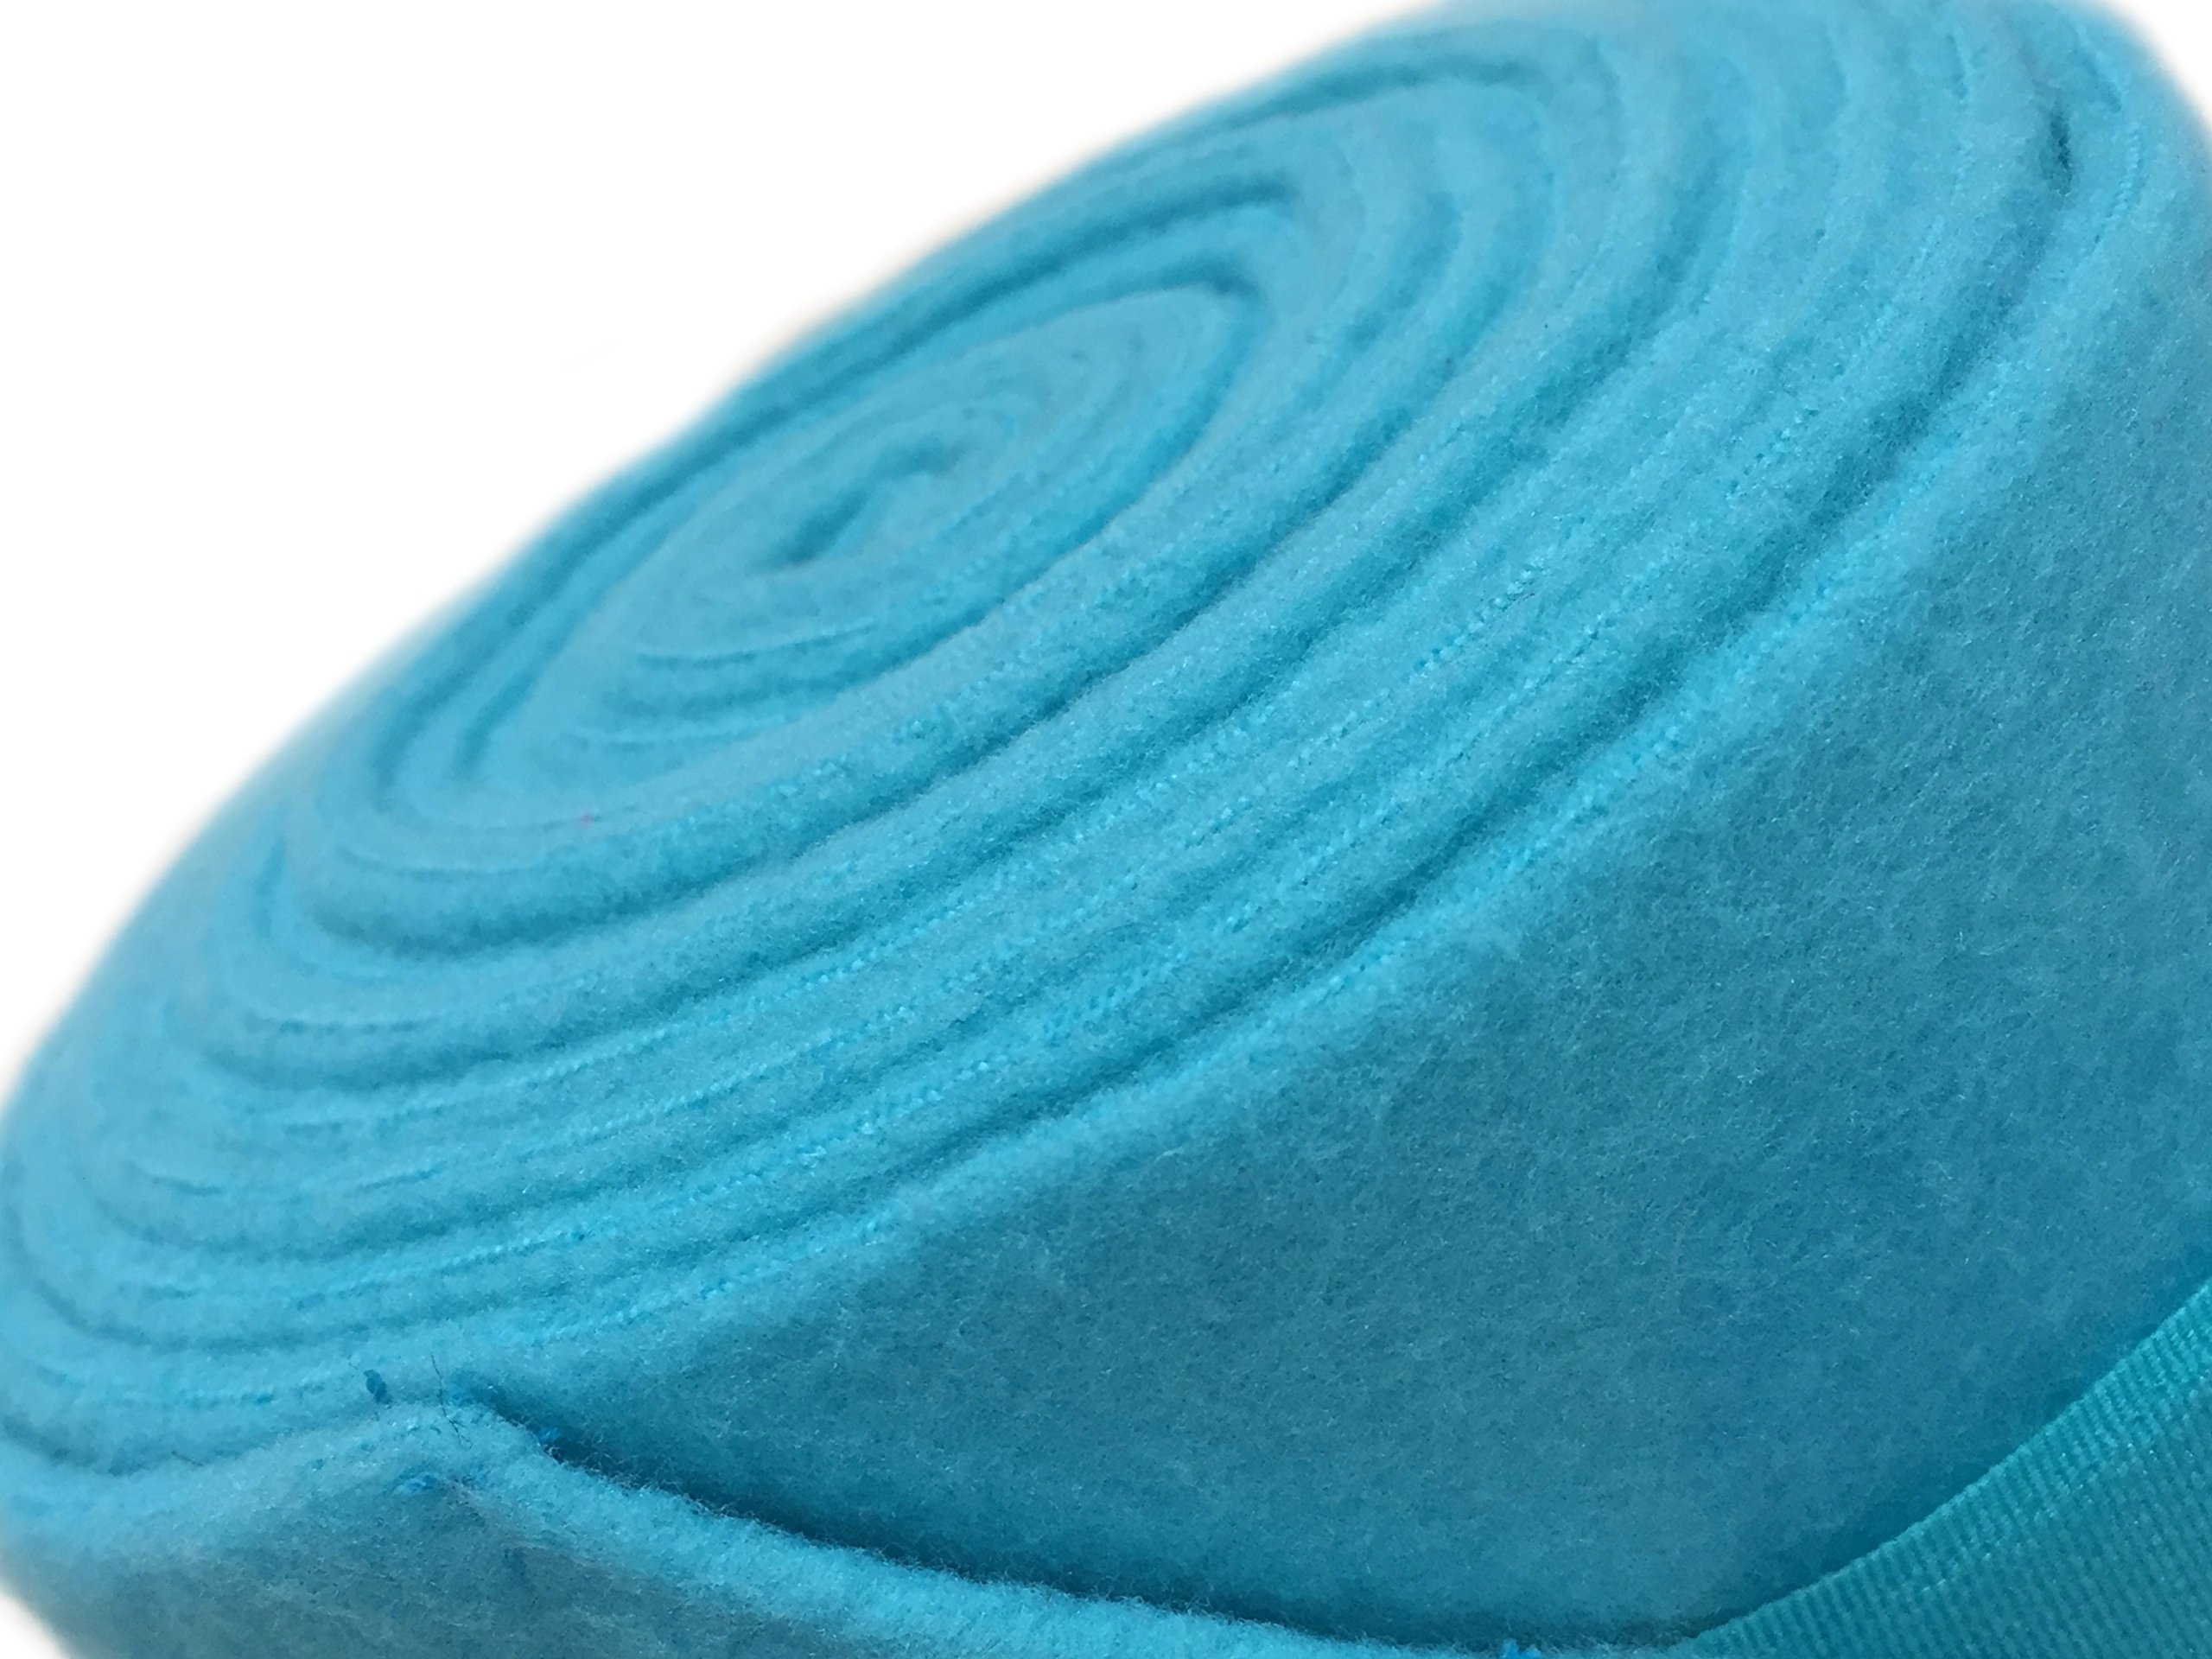 PRI Horse Leg Protection Set of Four Fleece Polo Wraps, Turquoise, Horse Size